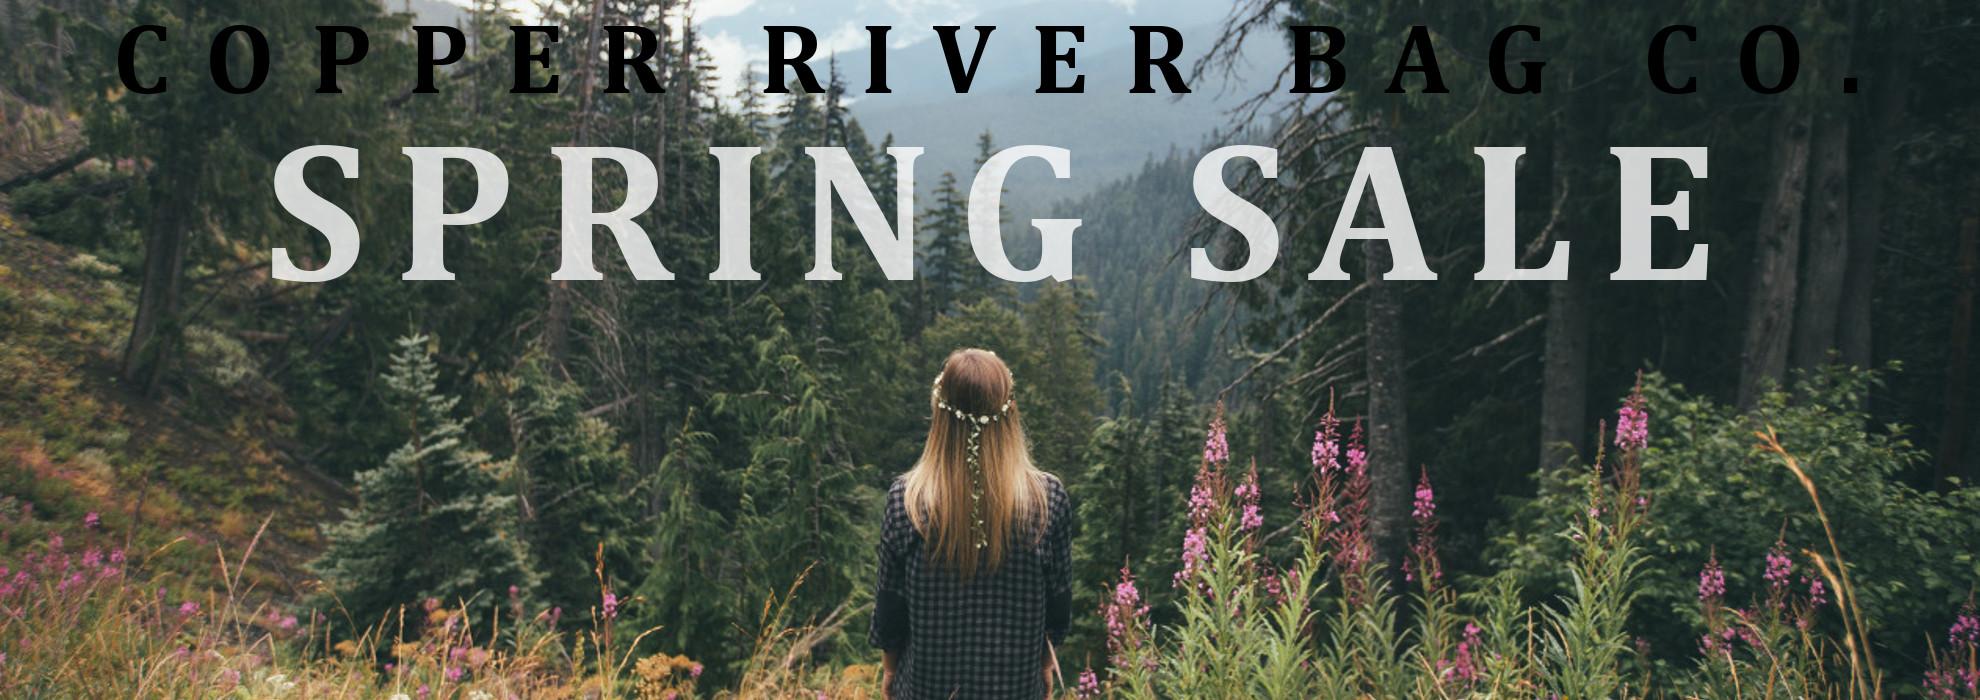 forest-2-copper-river-bag-co-sring-sale-2345.jpg